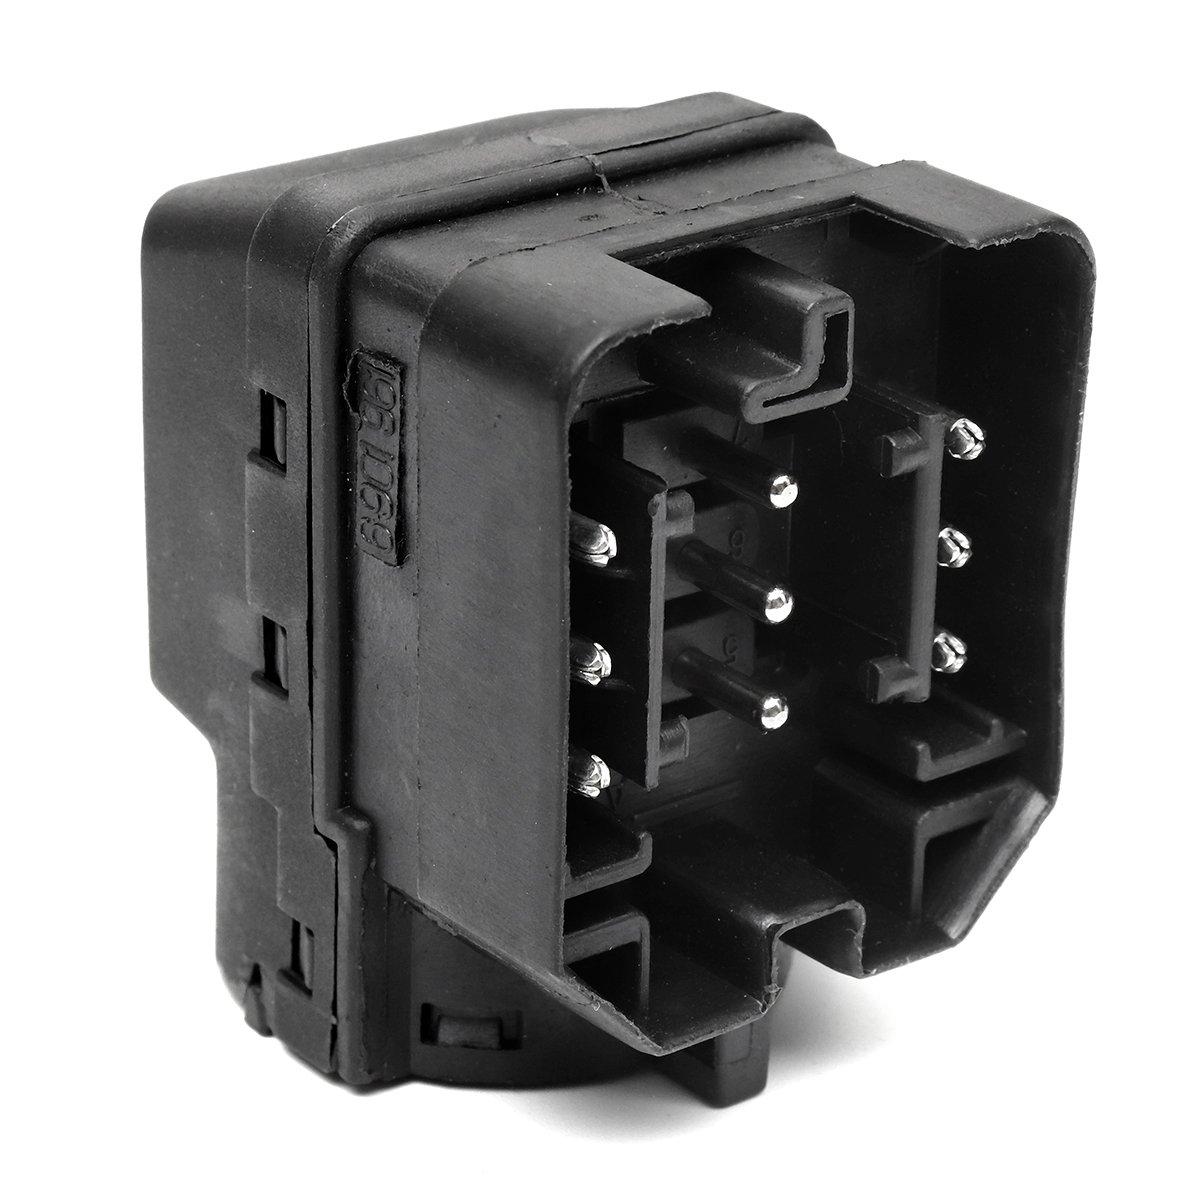 NICOLIE 61326901961 Ignition Starter Switch Sensor For E46 325 E39 530 E83 X3 E53 X5 E85